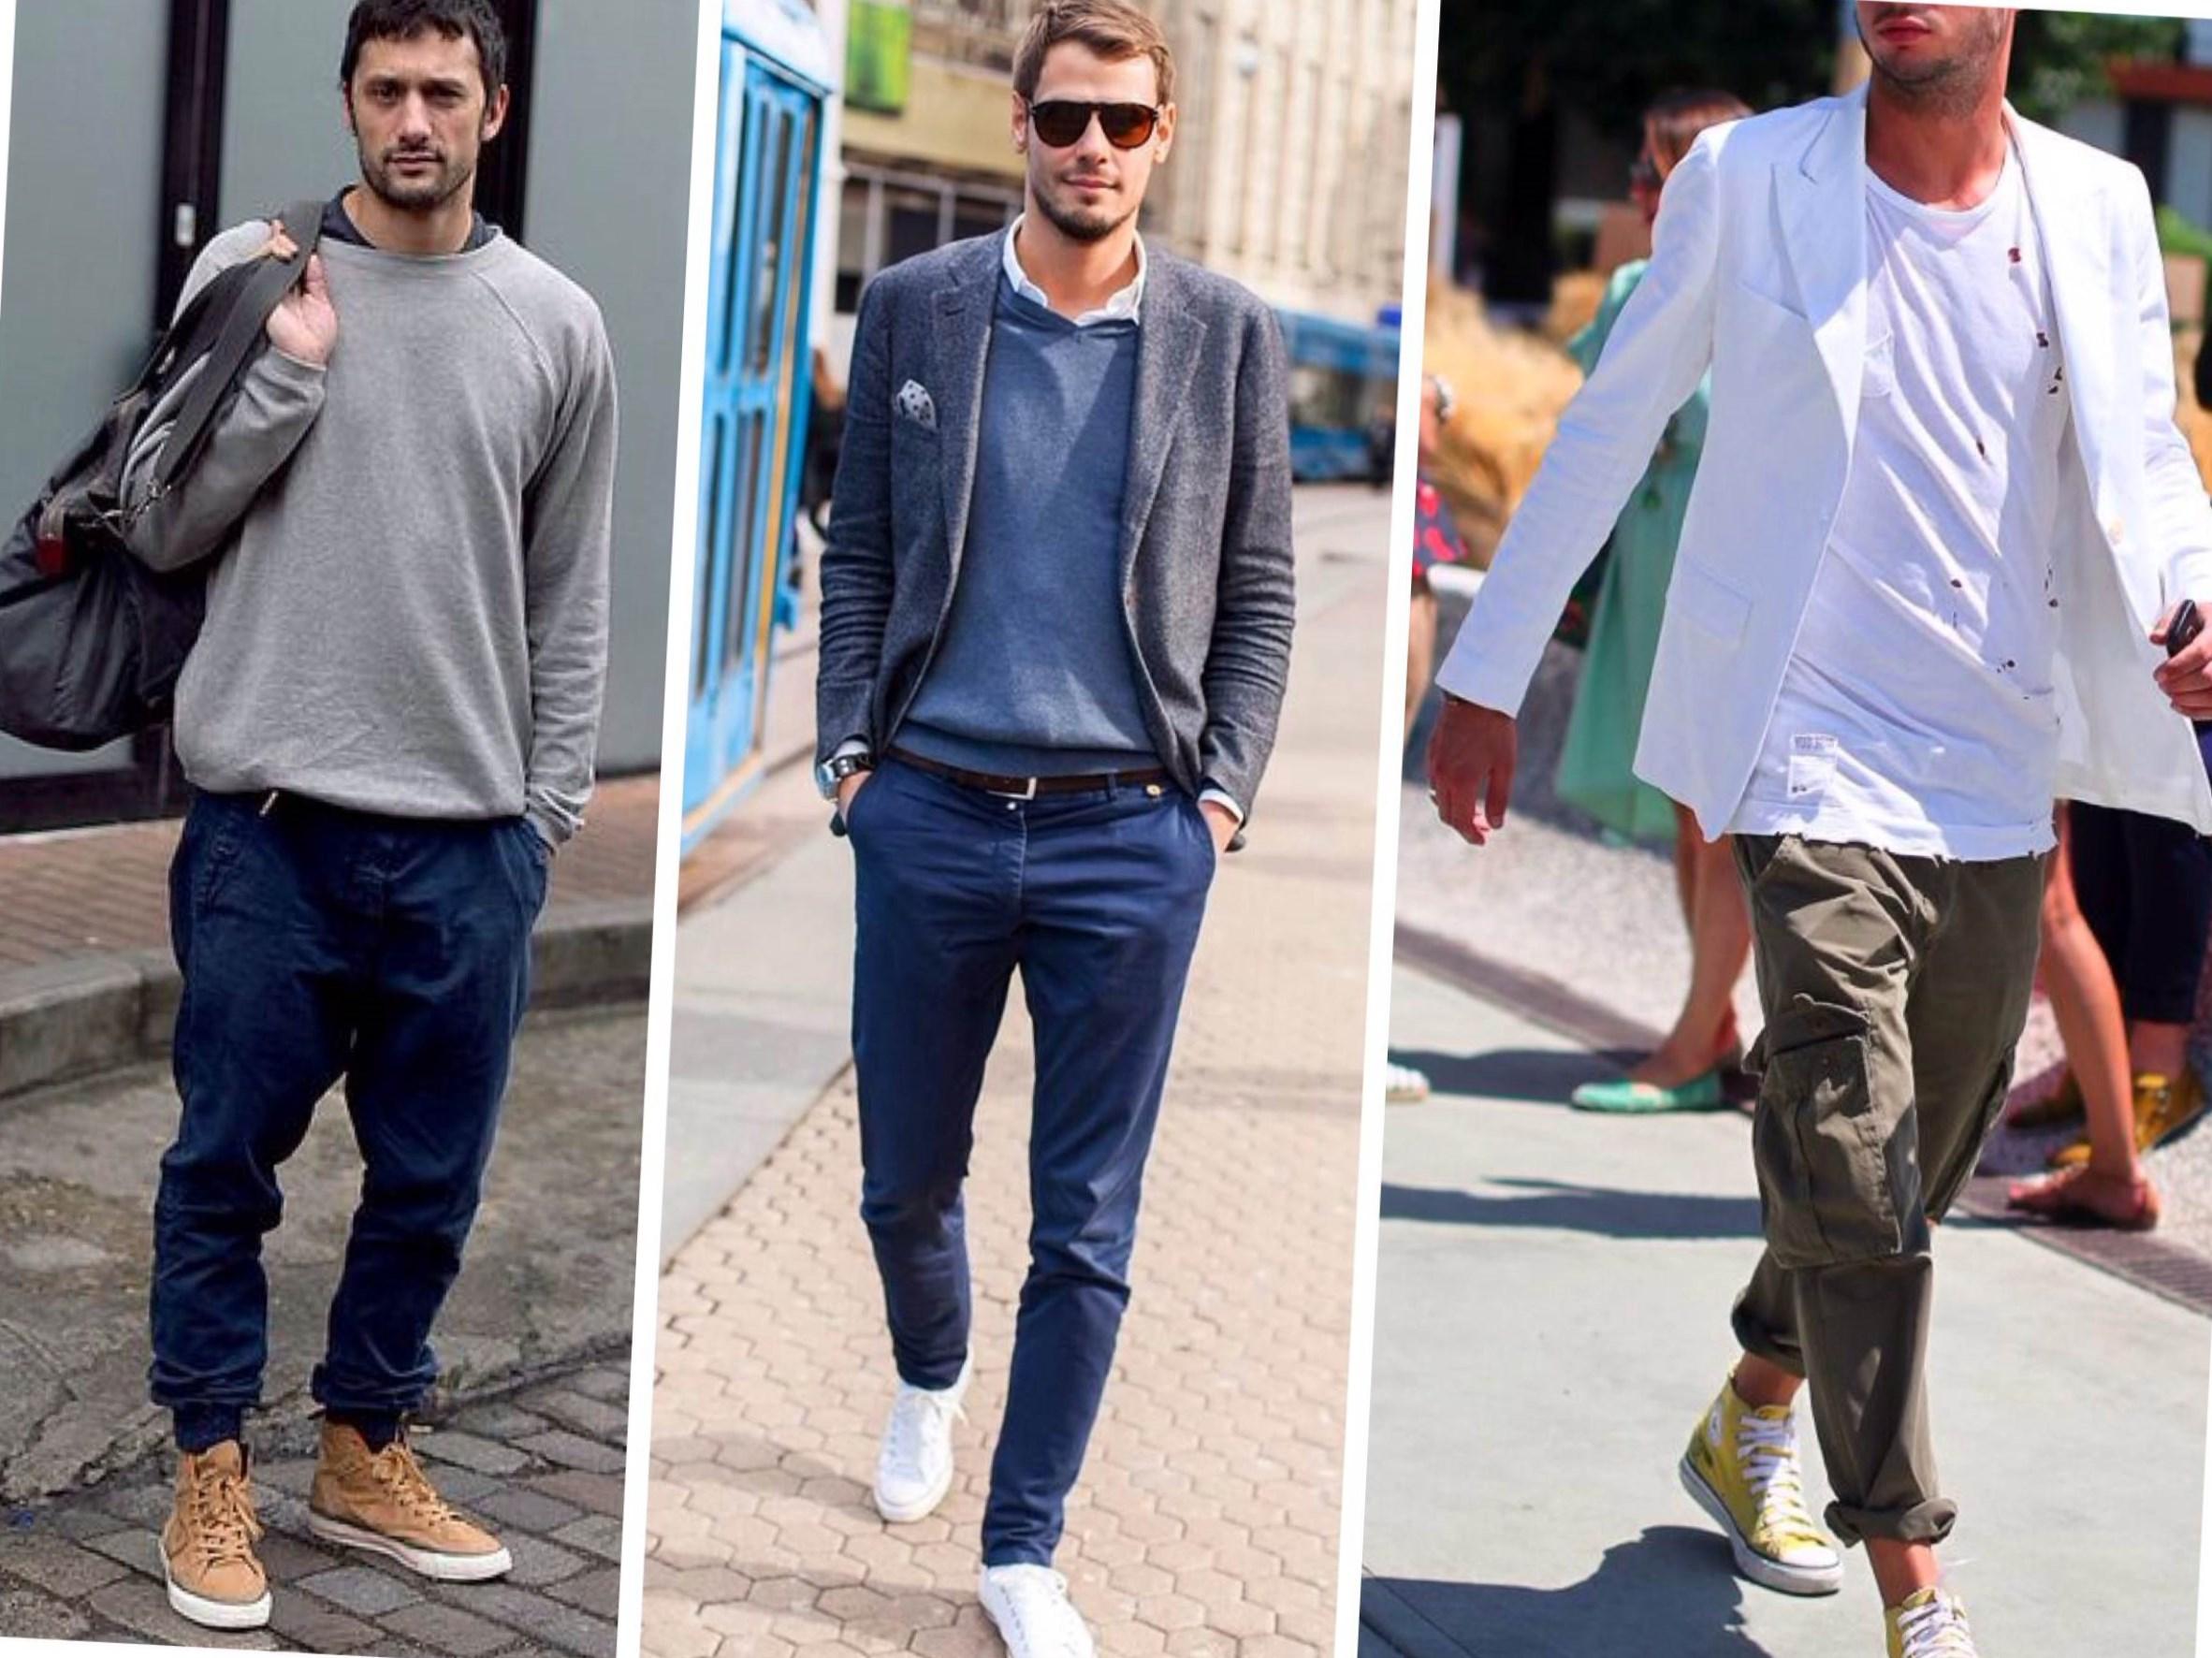 С чем носить кроссовки: 5 самых модных сочетаний сезона. Кроссовки давно покинули спортзалы и беговые дорожки, переместившись сначала на подиумы Недель моды, а затем и в гардеробы всех модниц. Кроссовки джинсы.